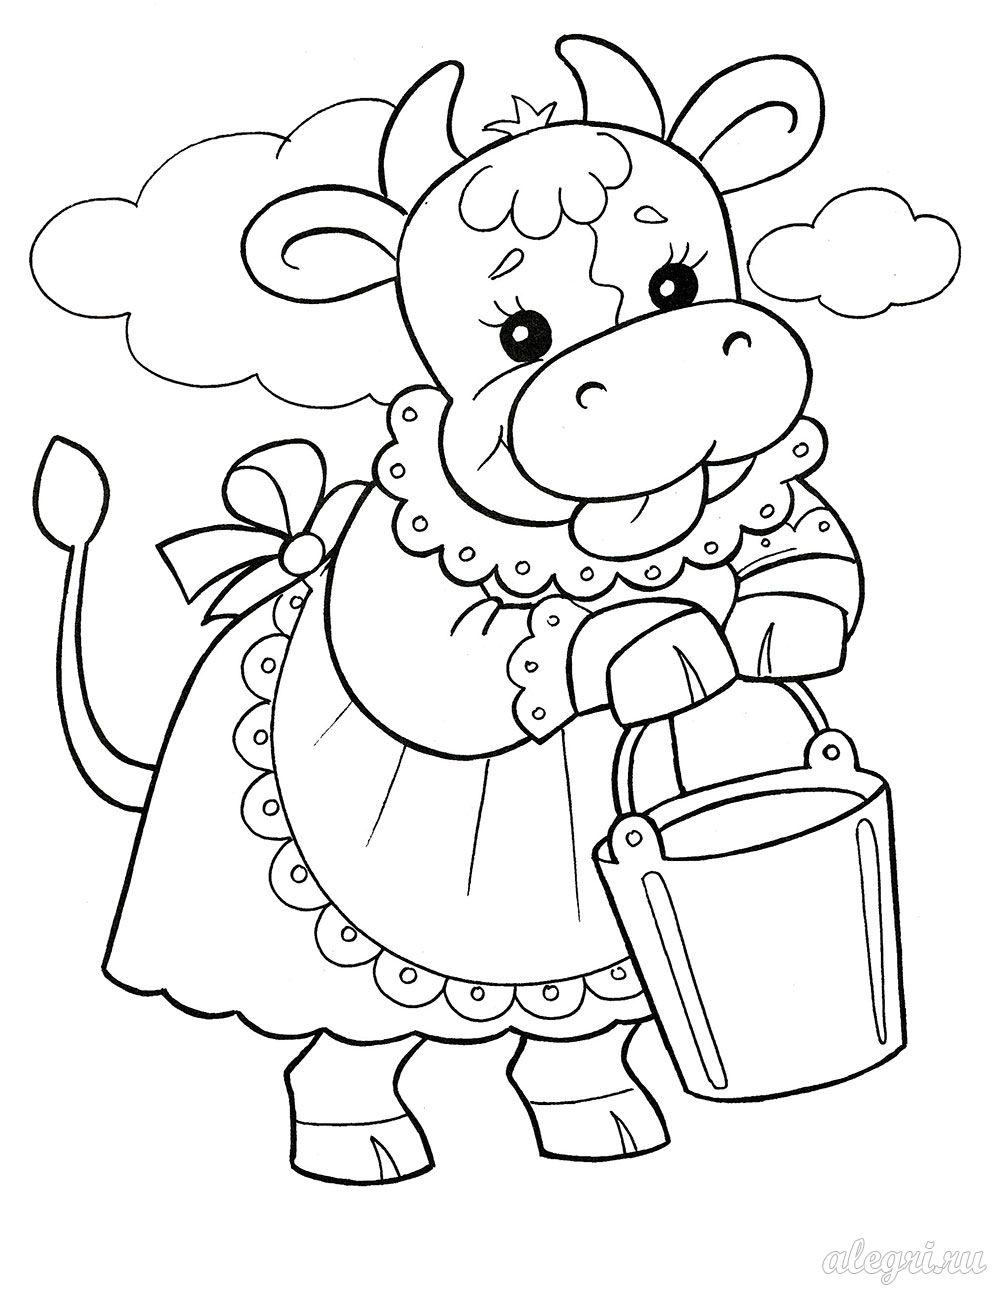 Раскраска для детей 4-7 лет. Корова с ведёрком молока